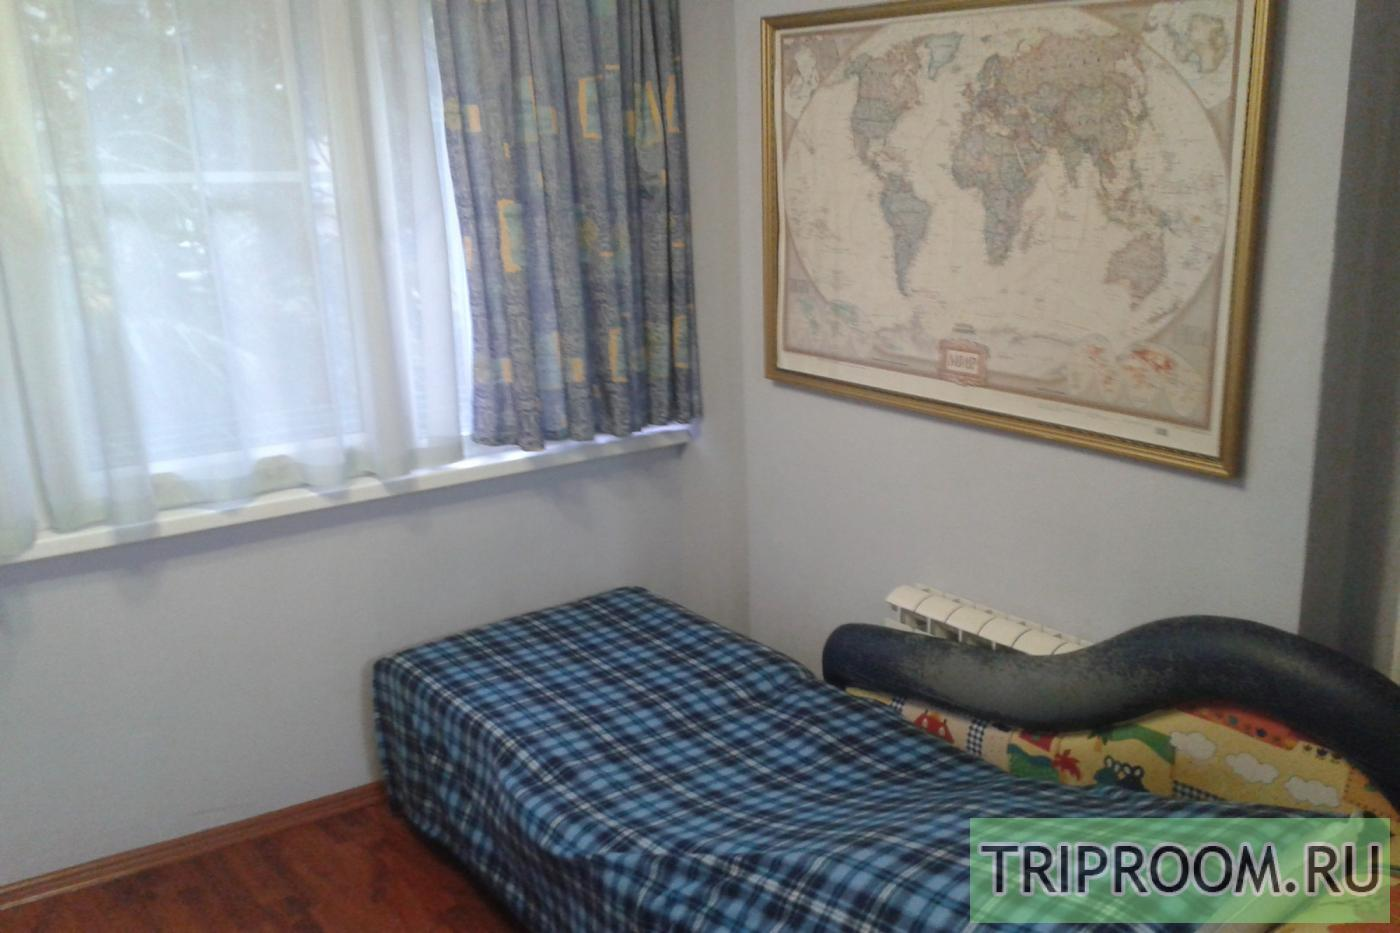 1-комнатная квартира посуточно (вариант № 2452), ул. Невская улица, фото № 12